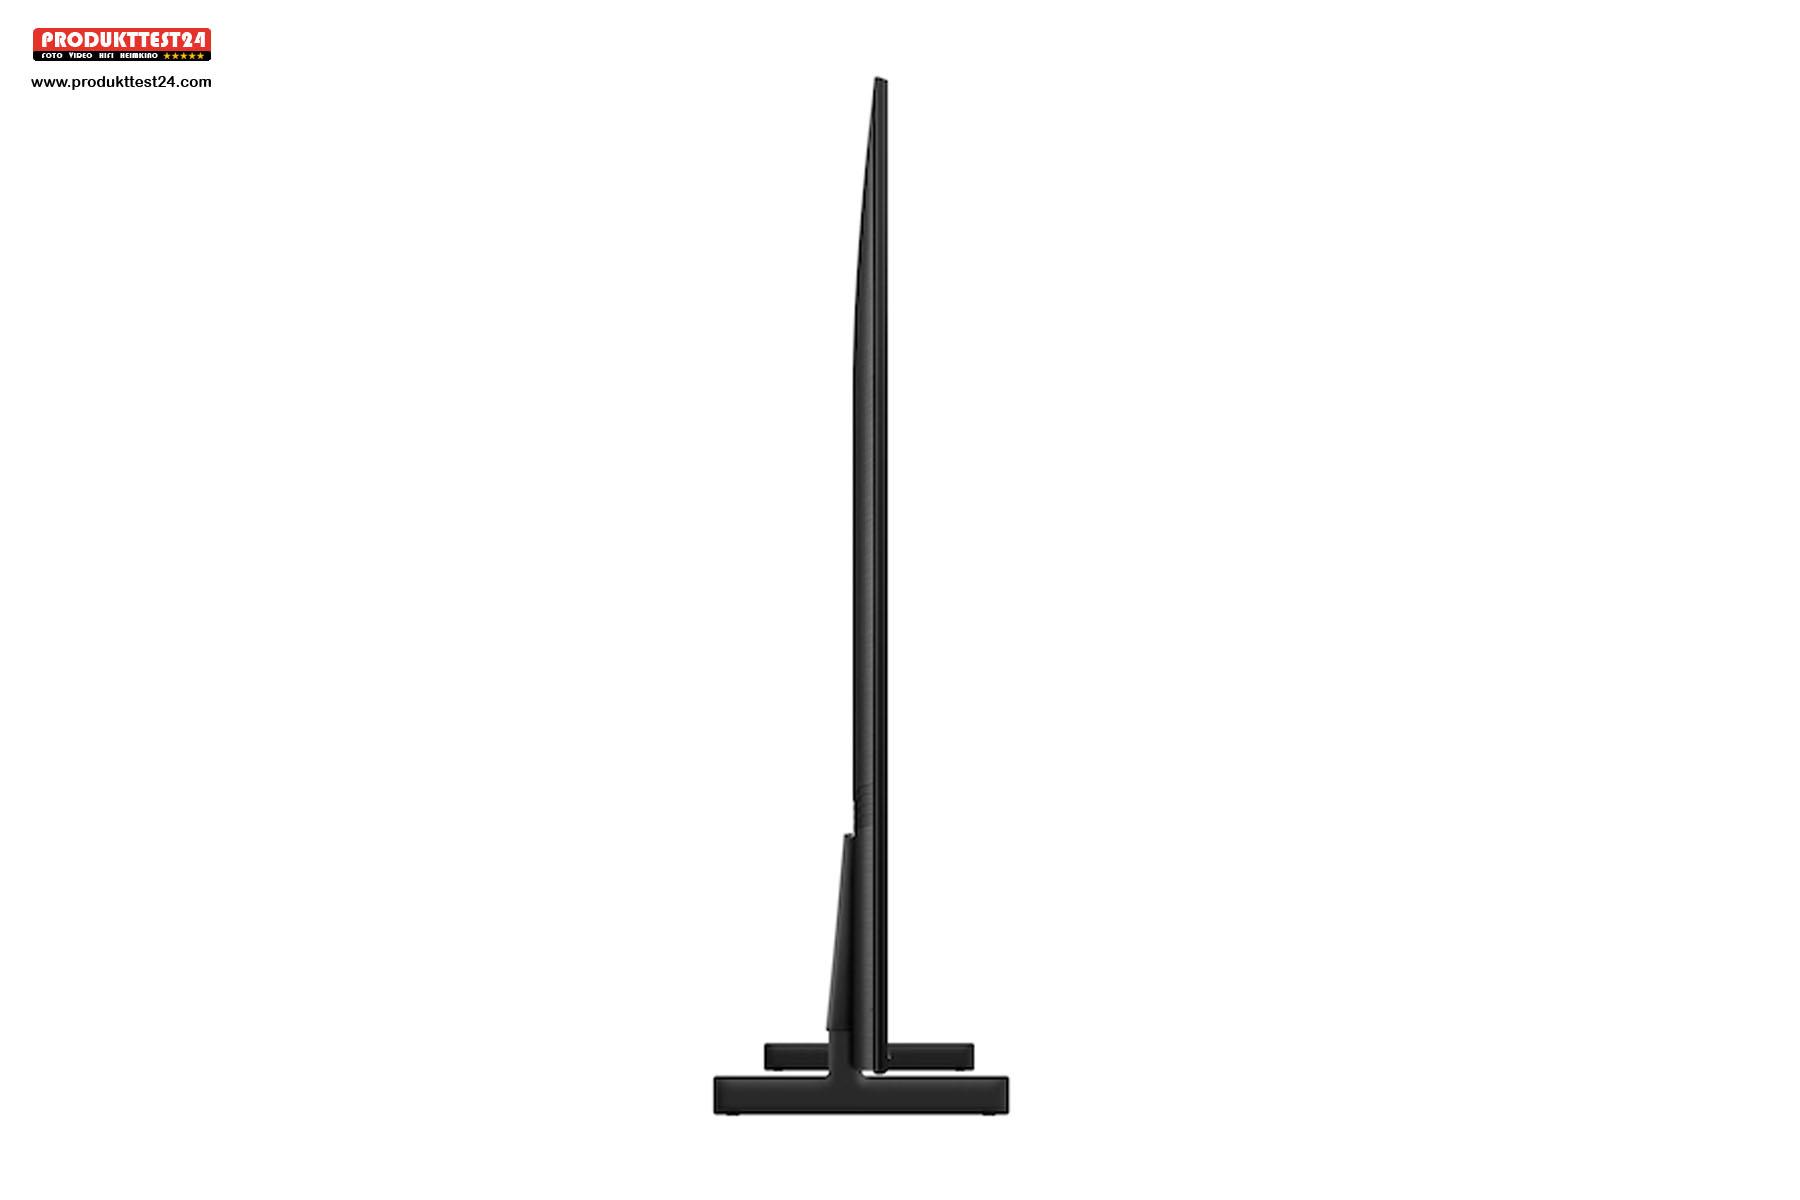 Einer der schlankesten Fernseher in seiner Preisklasse. Nur 2,6 cm tief.